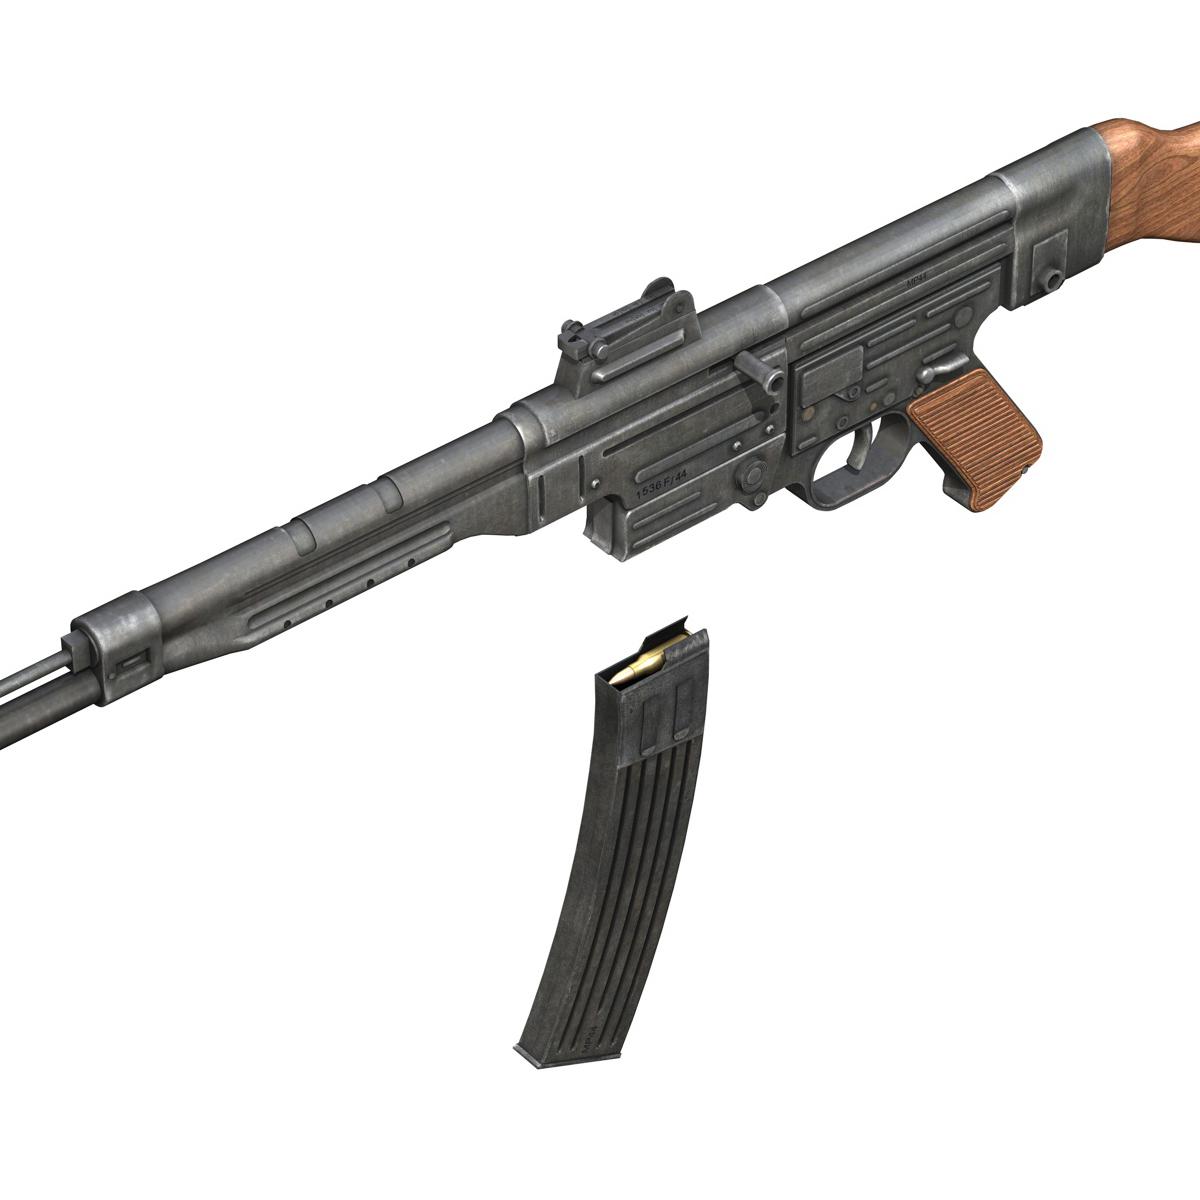 sturmgewehr 44 - mp44 - német támadás puska 3d modell 3ds fbx c4d lwo obj 195180